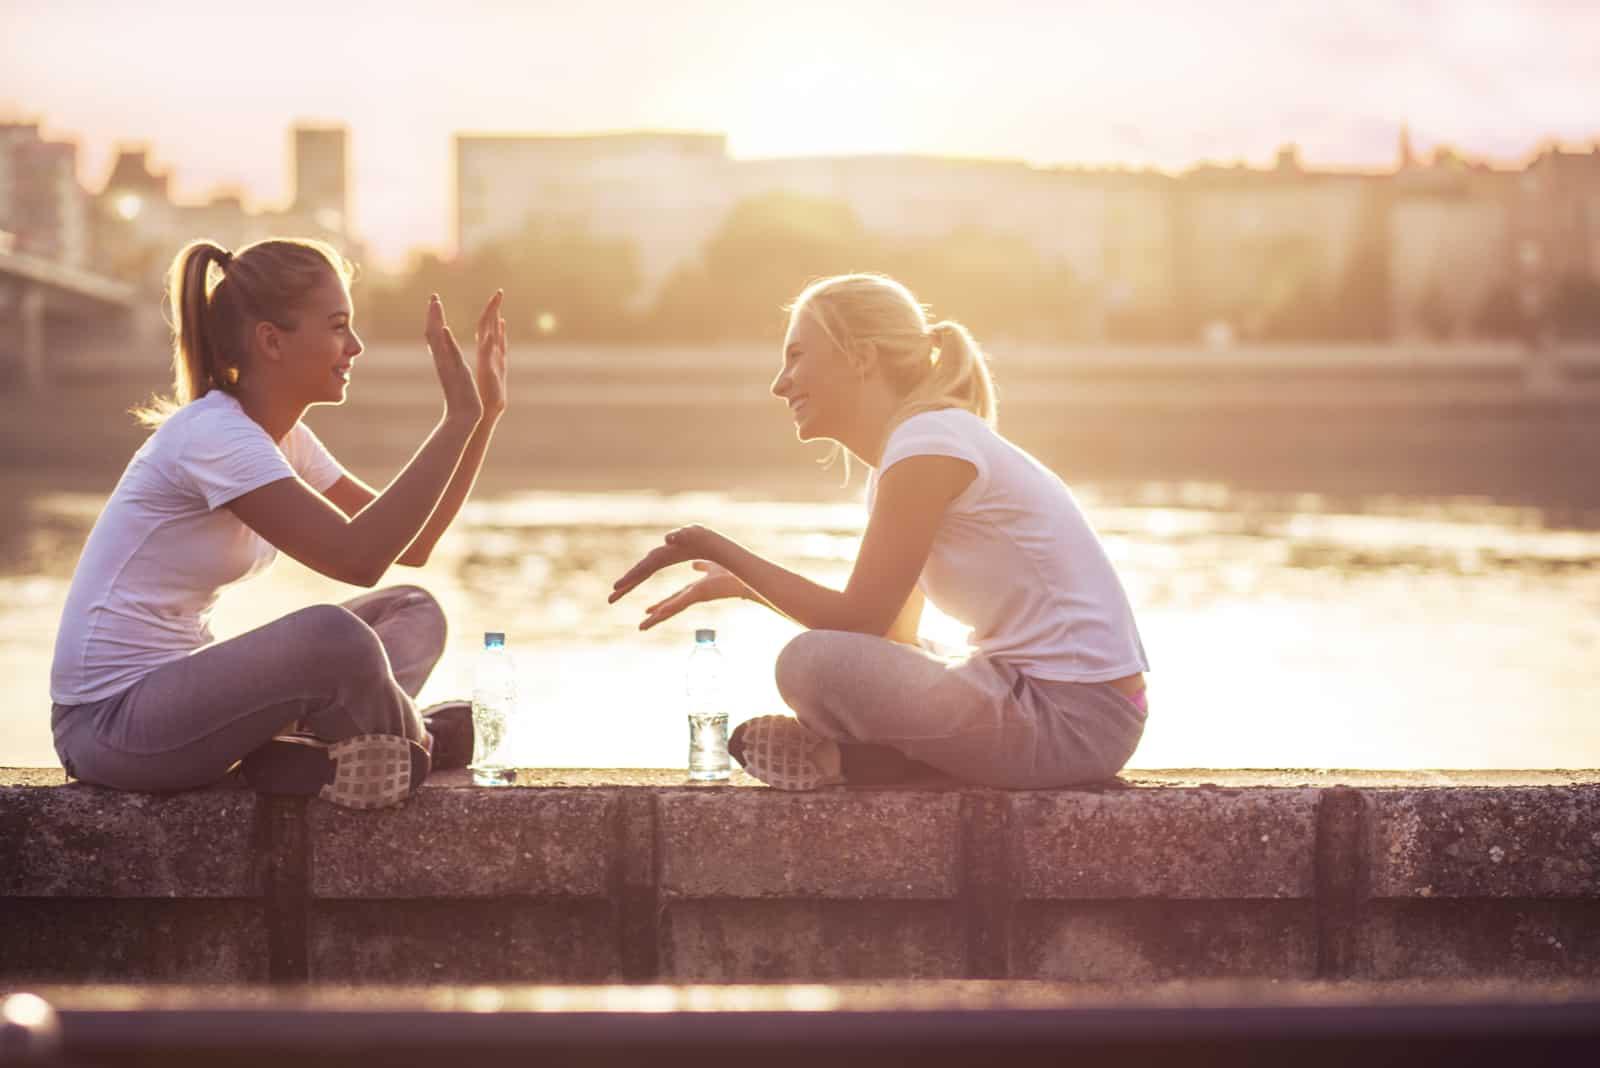 deux amis sont assis sur le mur et jouent